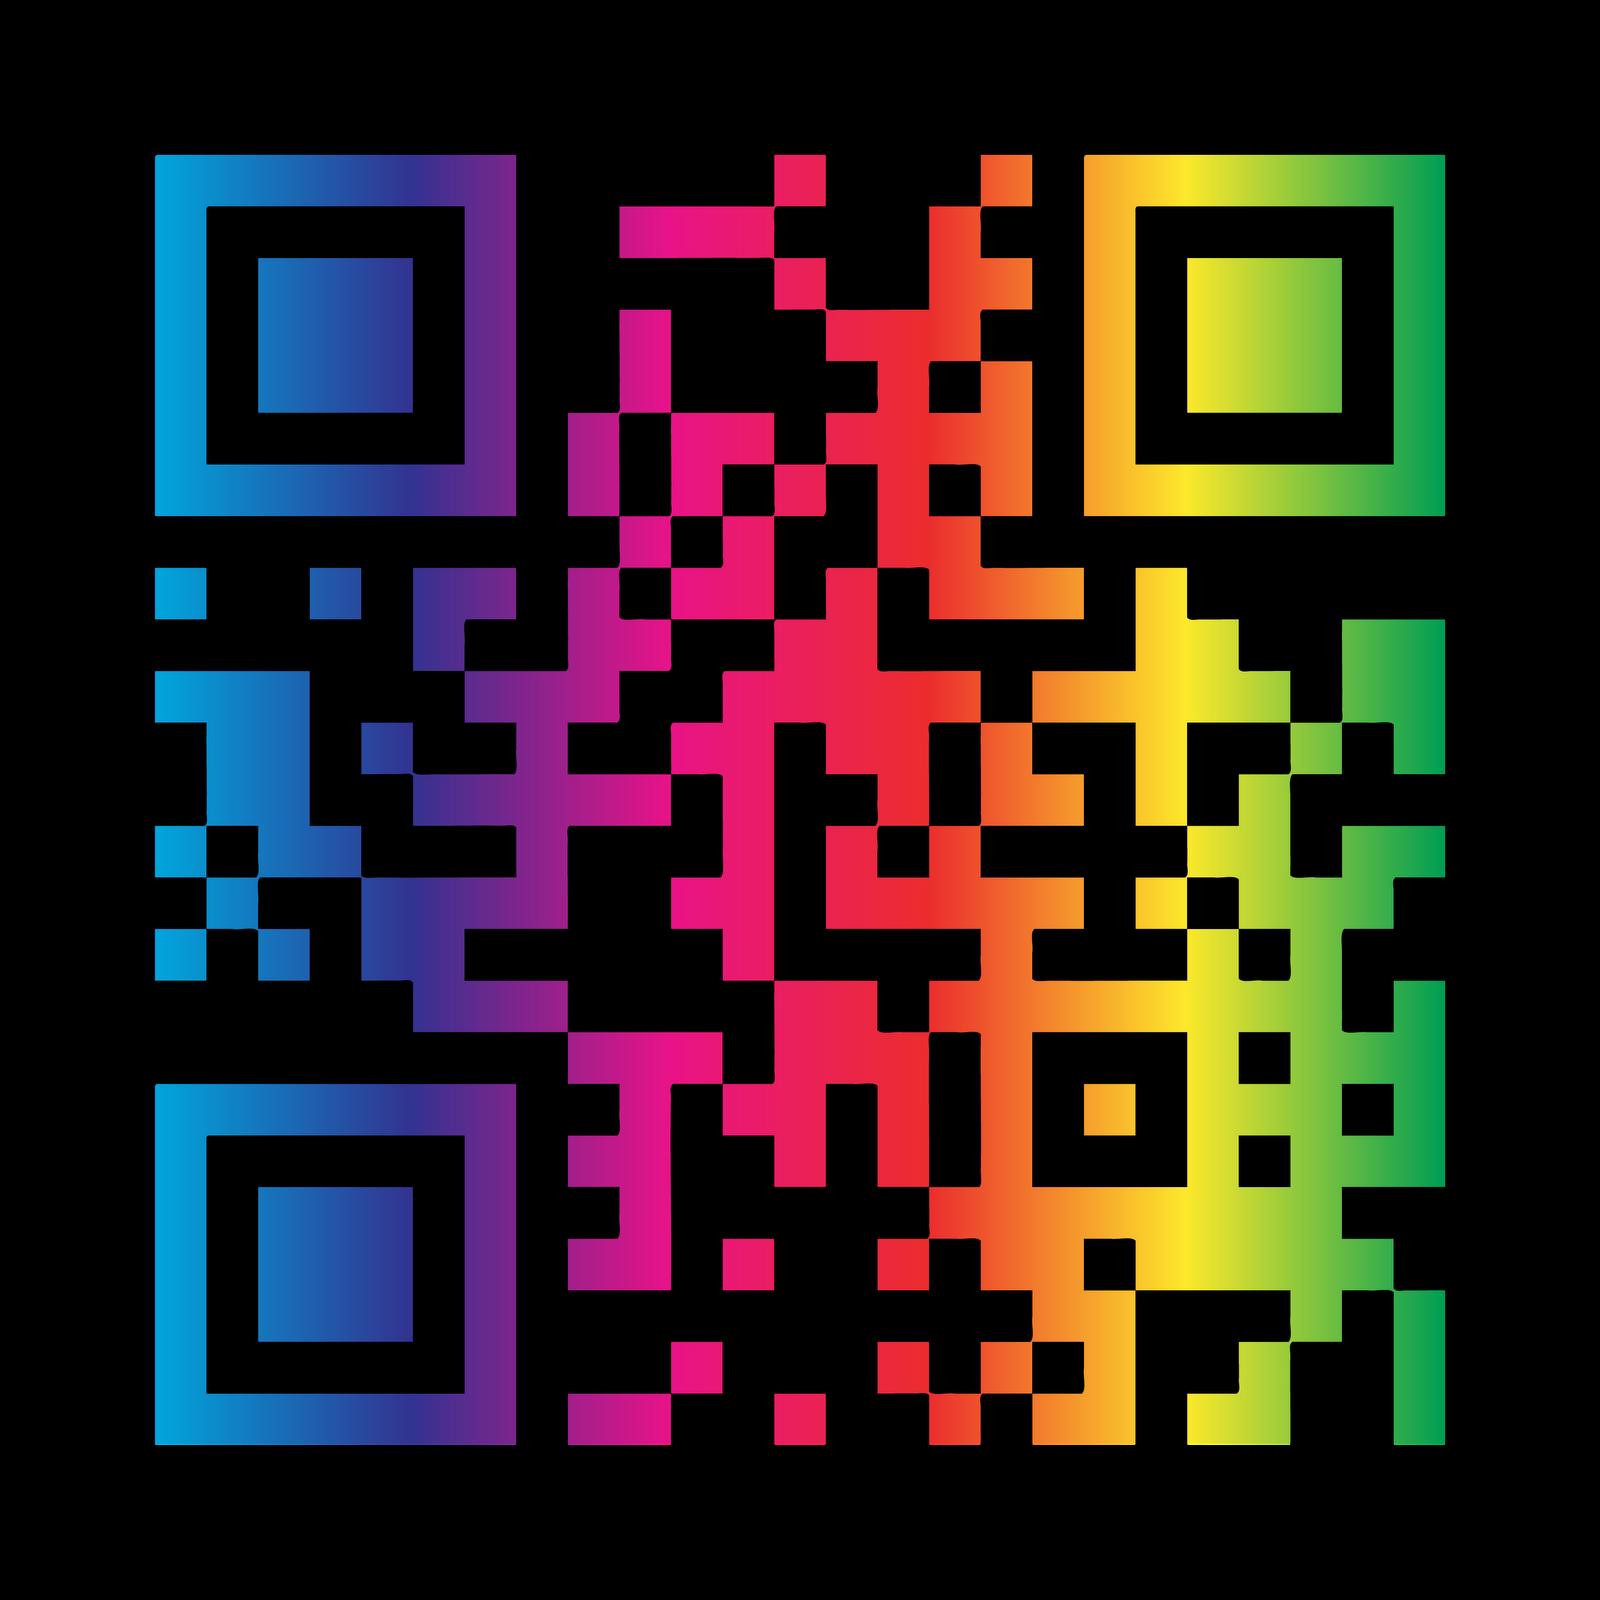 Генератор QR кодов: QR Coder 93